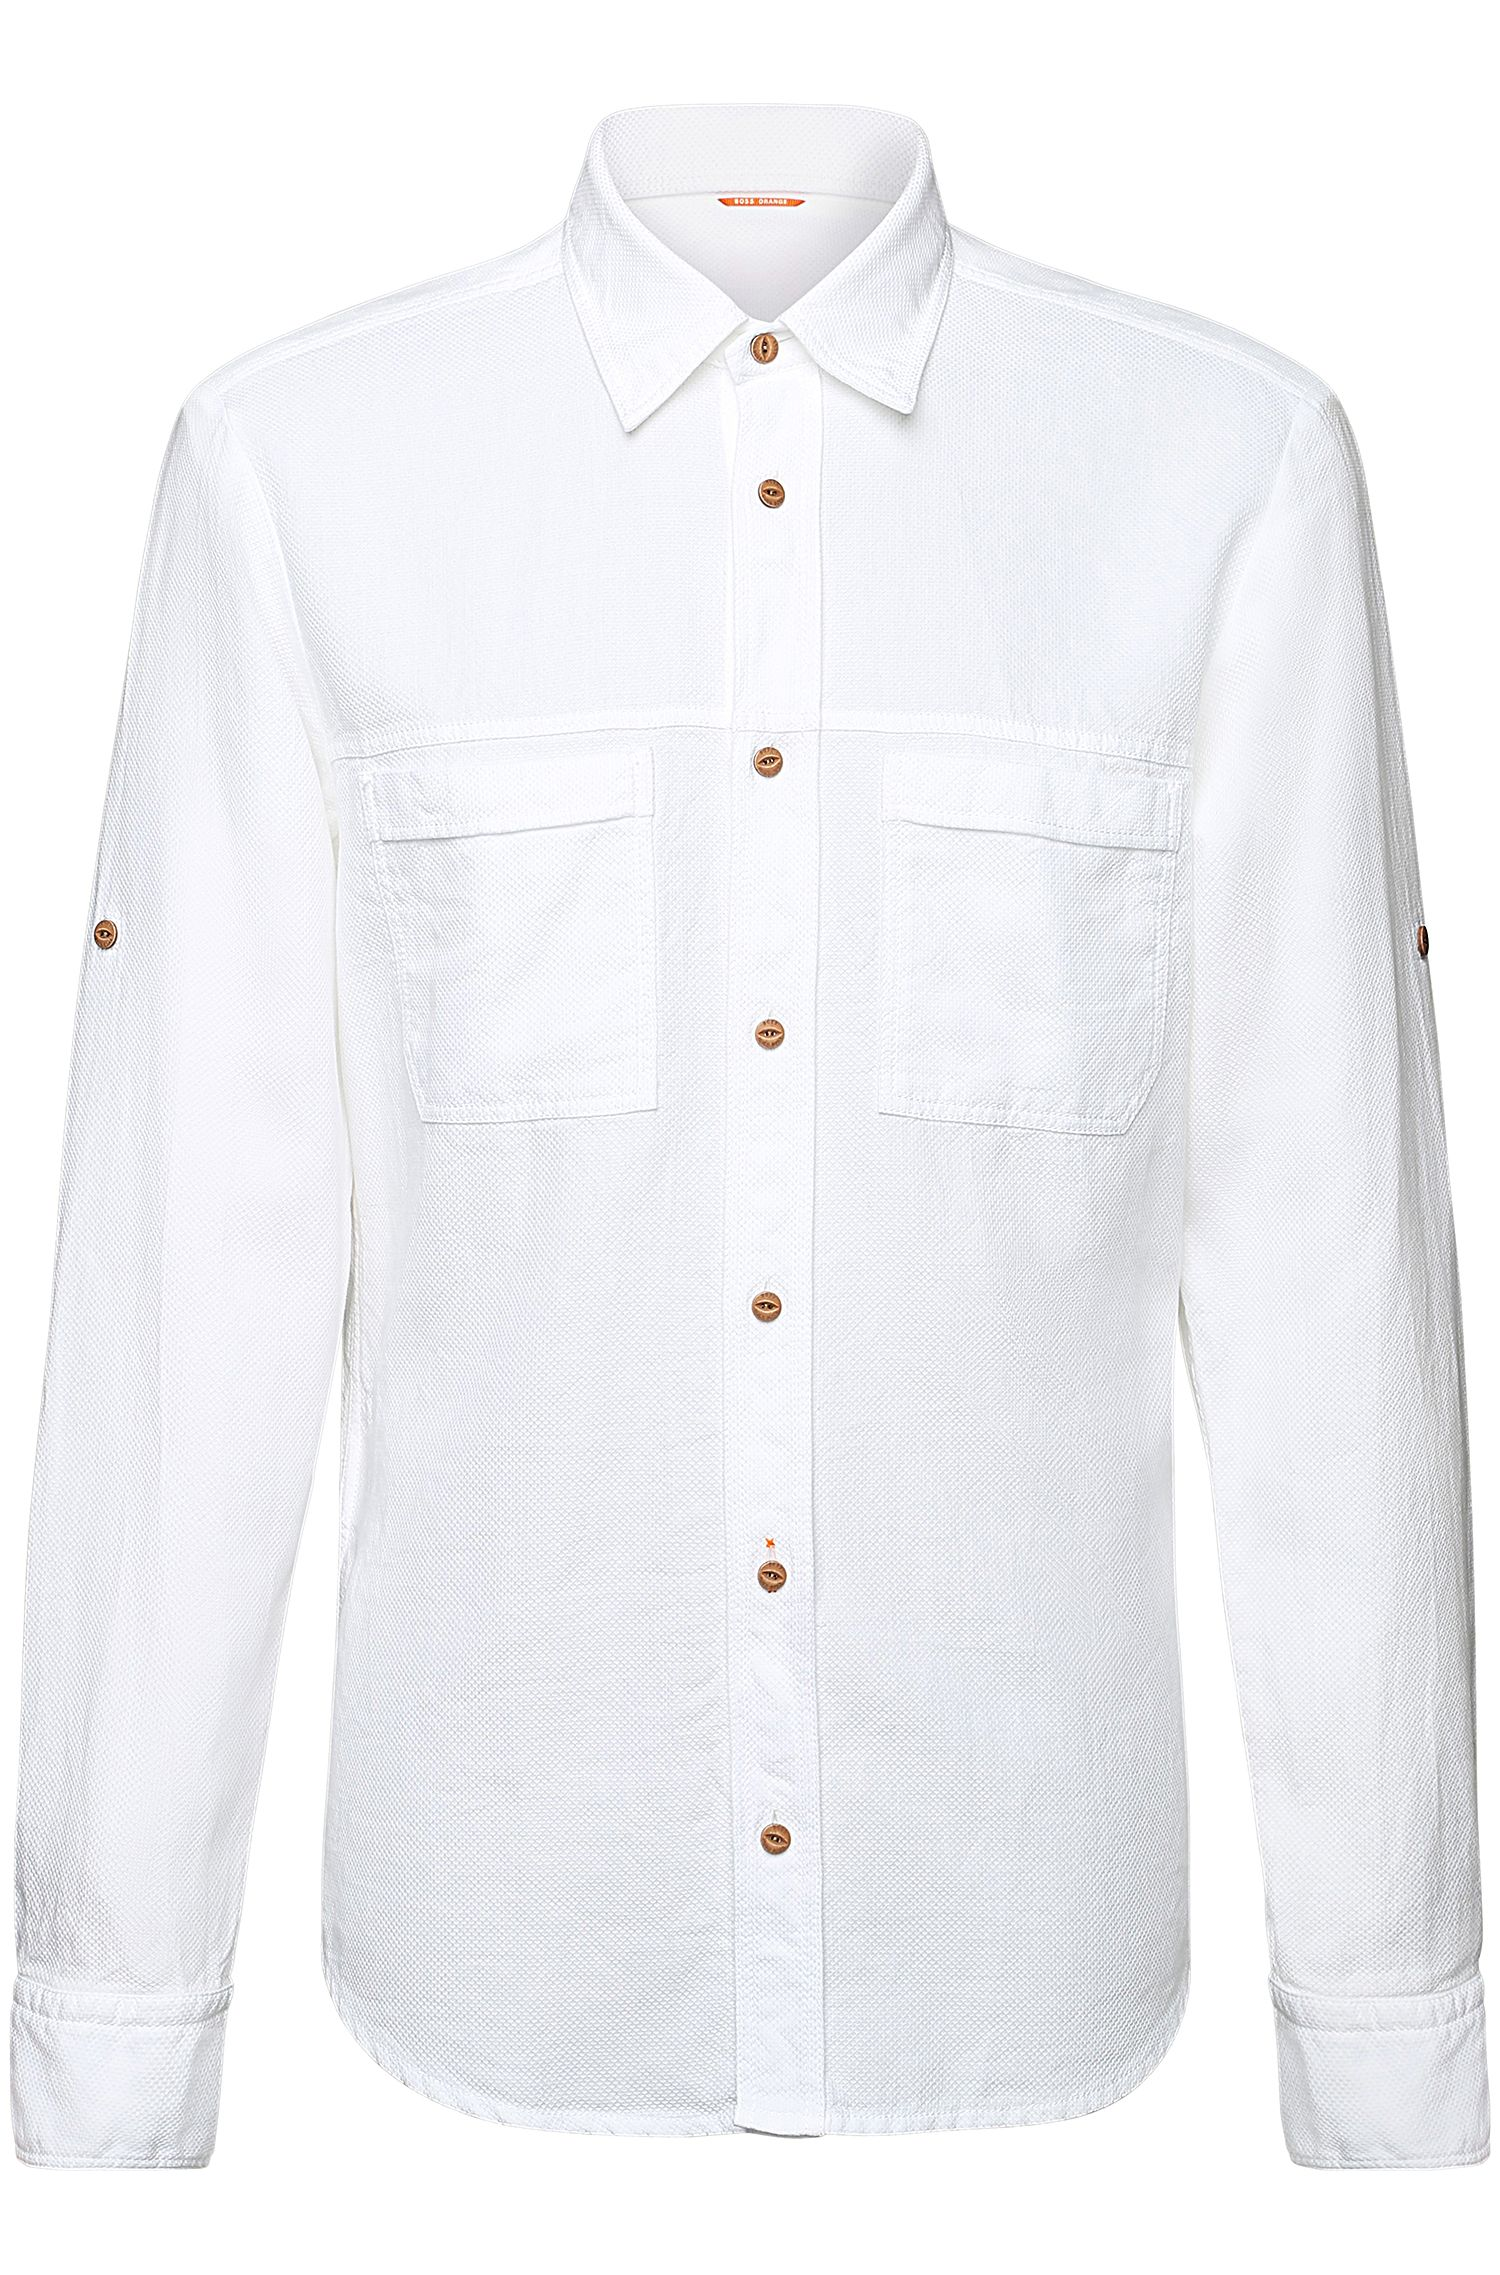 'ClasseE' | Regular Fit, Cotton Textured Button Down Shirt